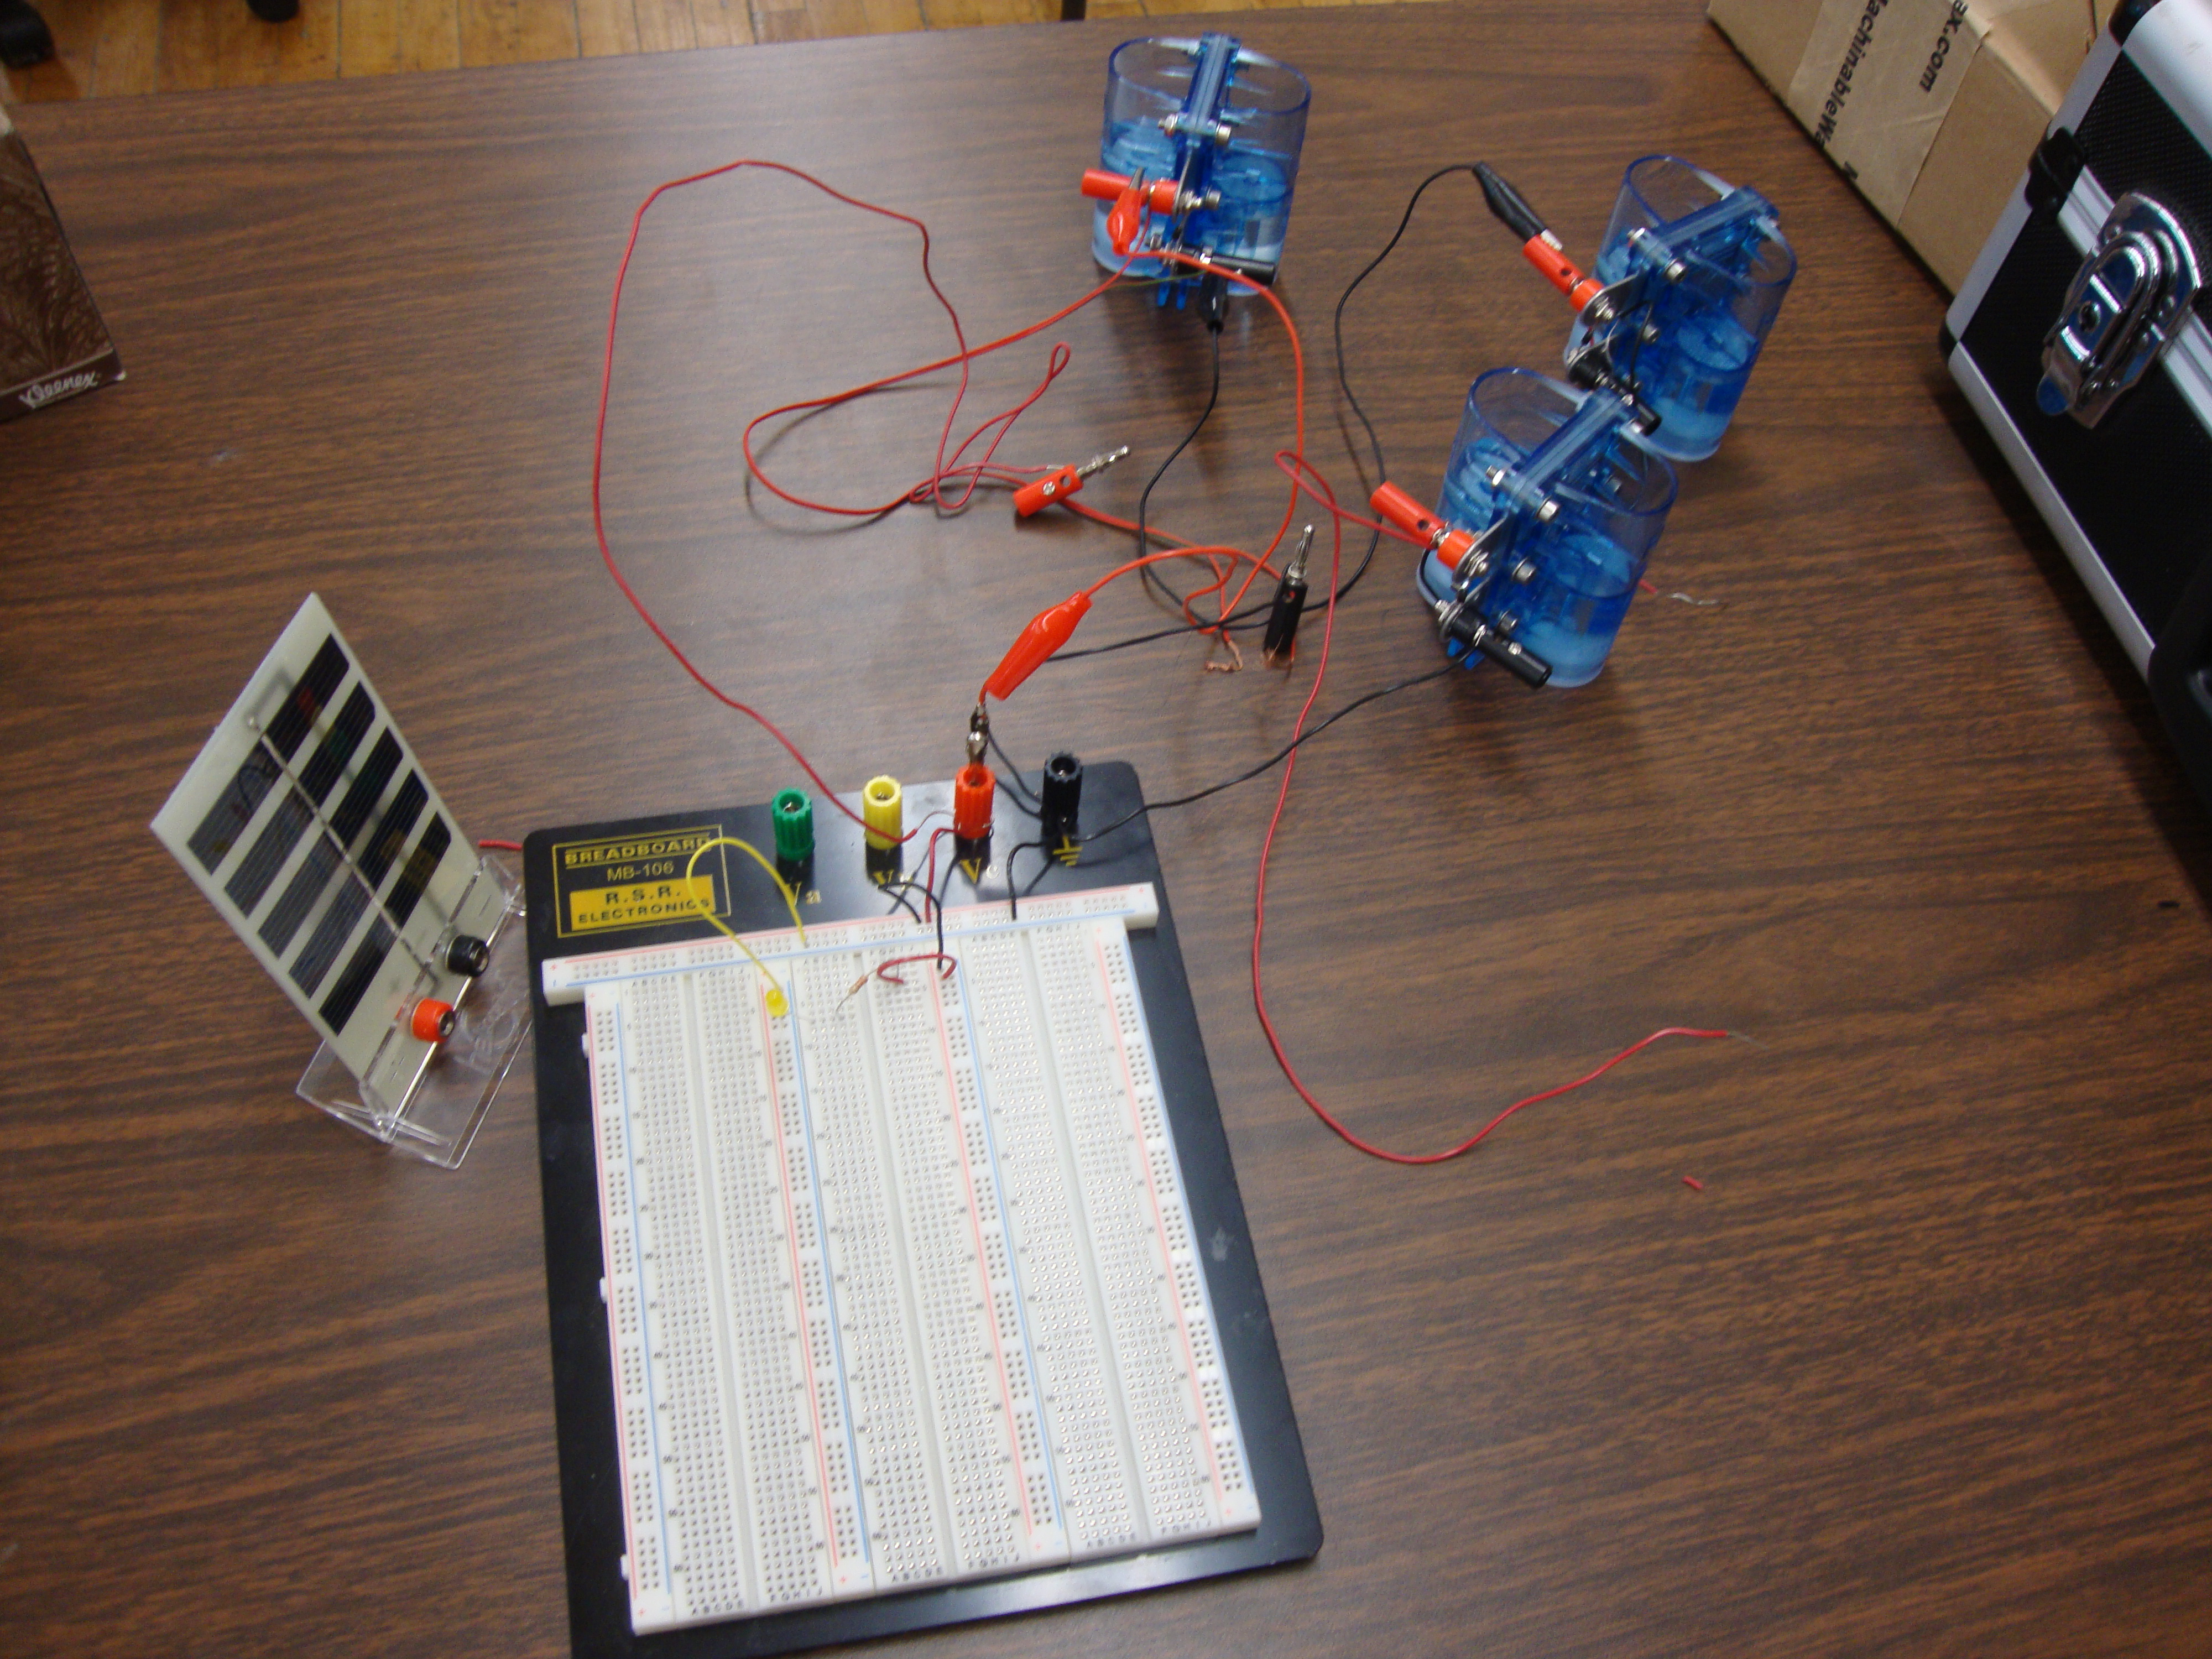 circuit poe maryland math madness  at readyjetset.co